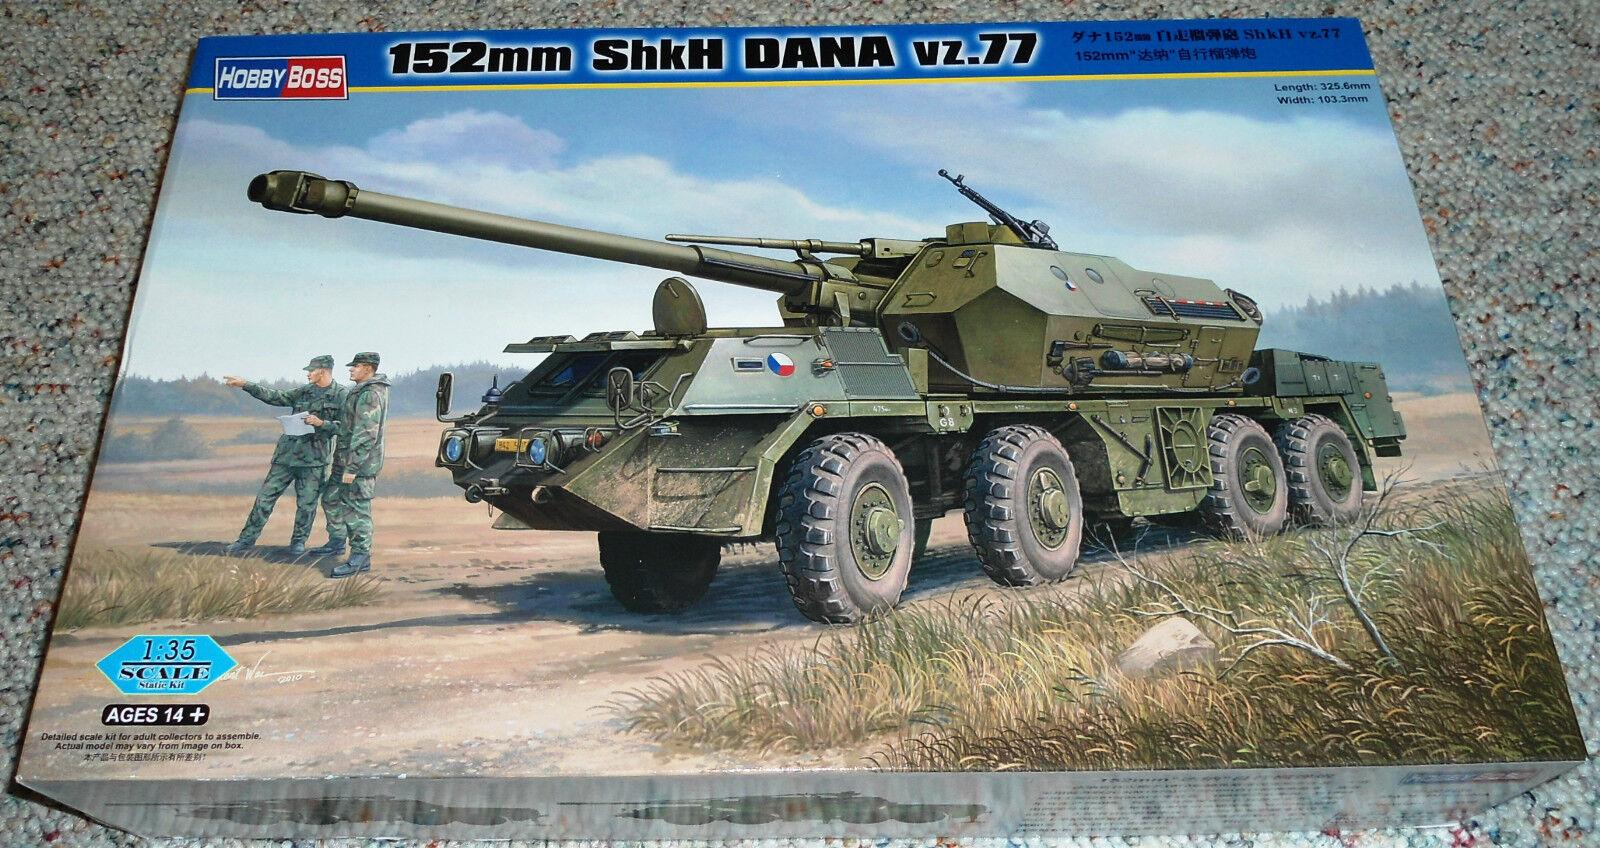 HobbyBoss 1 35 152mm ShkH DANA vz.77